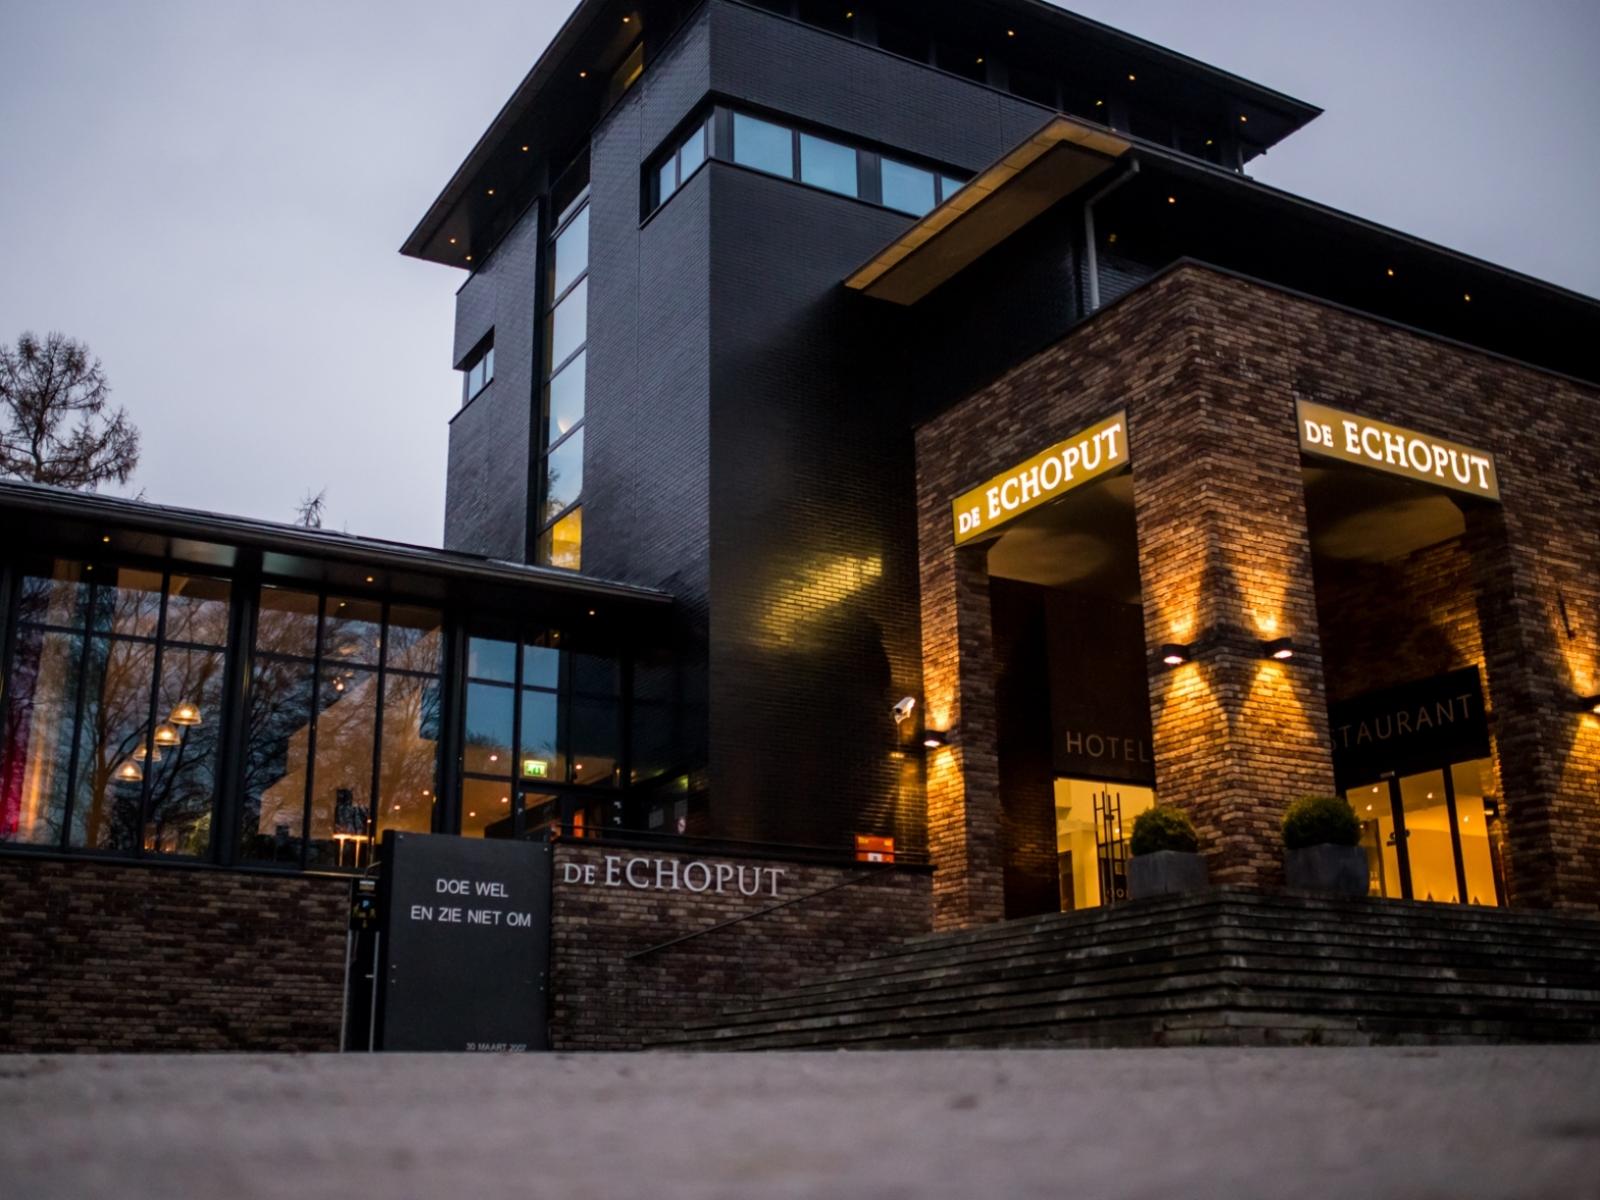 Hotel de Echoput